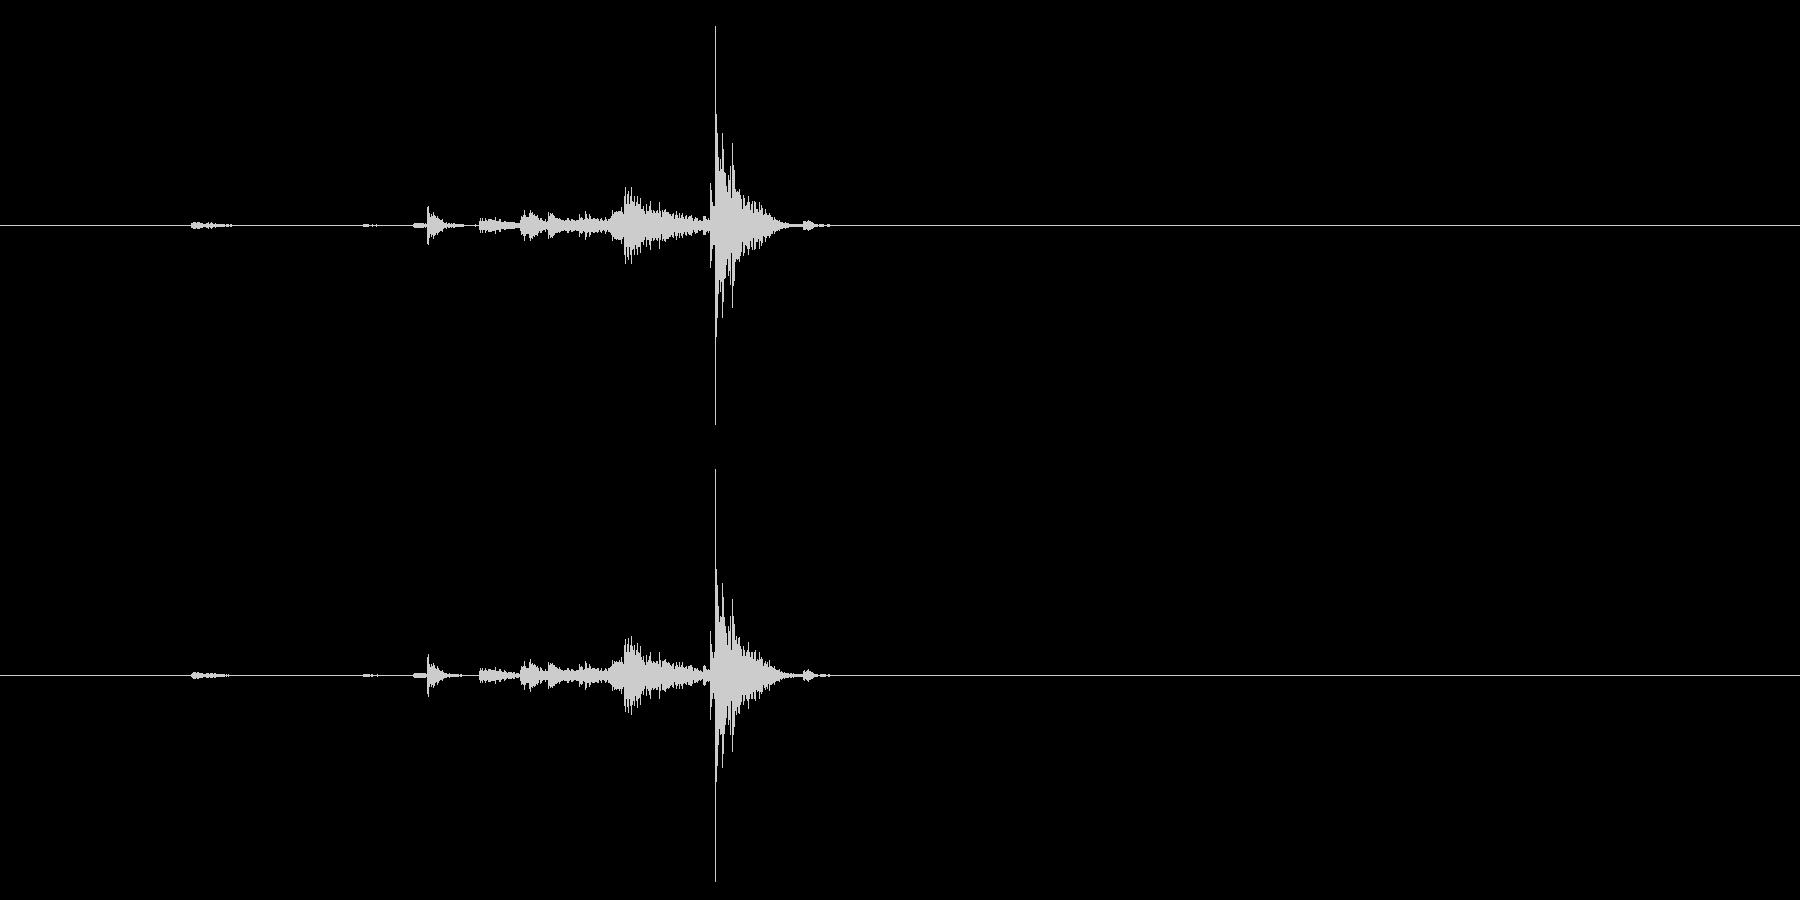 キー キーホルダー小物04の未再生の波形